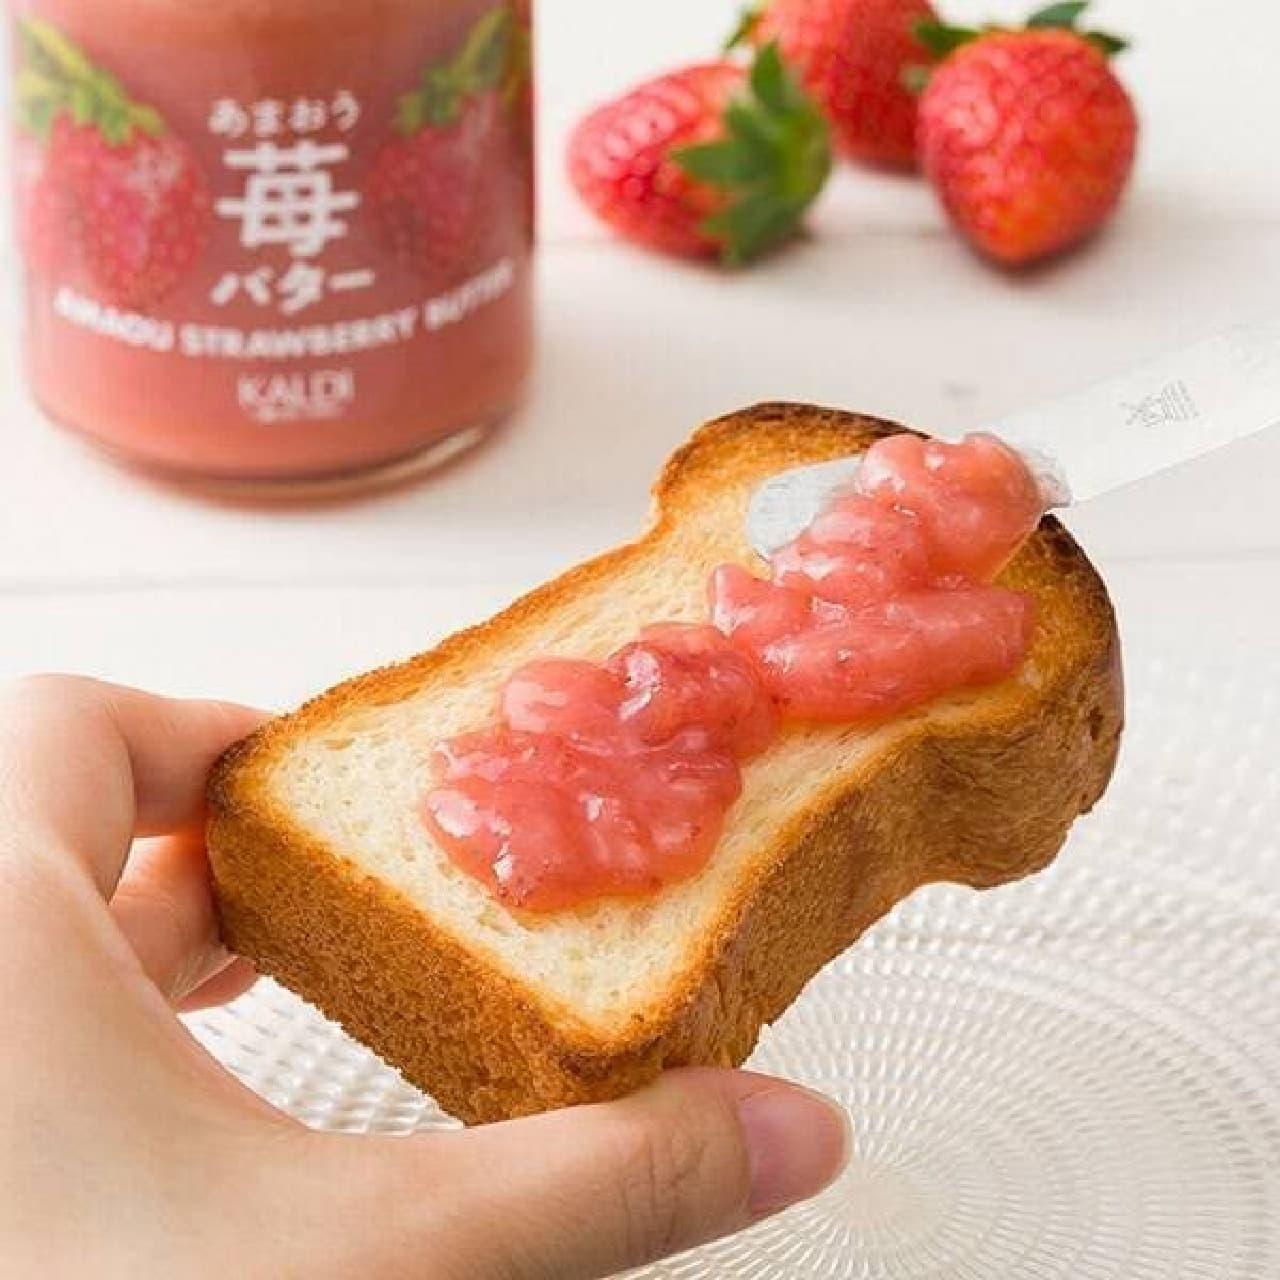 カルディ「あまおう苺バター」